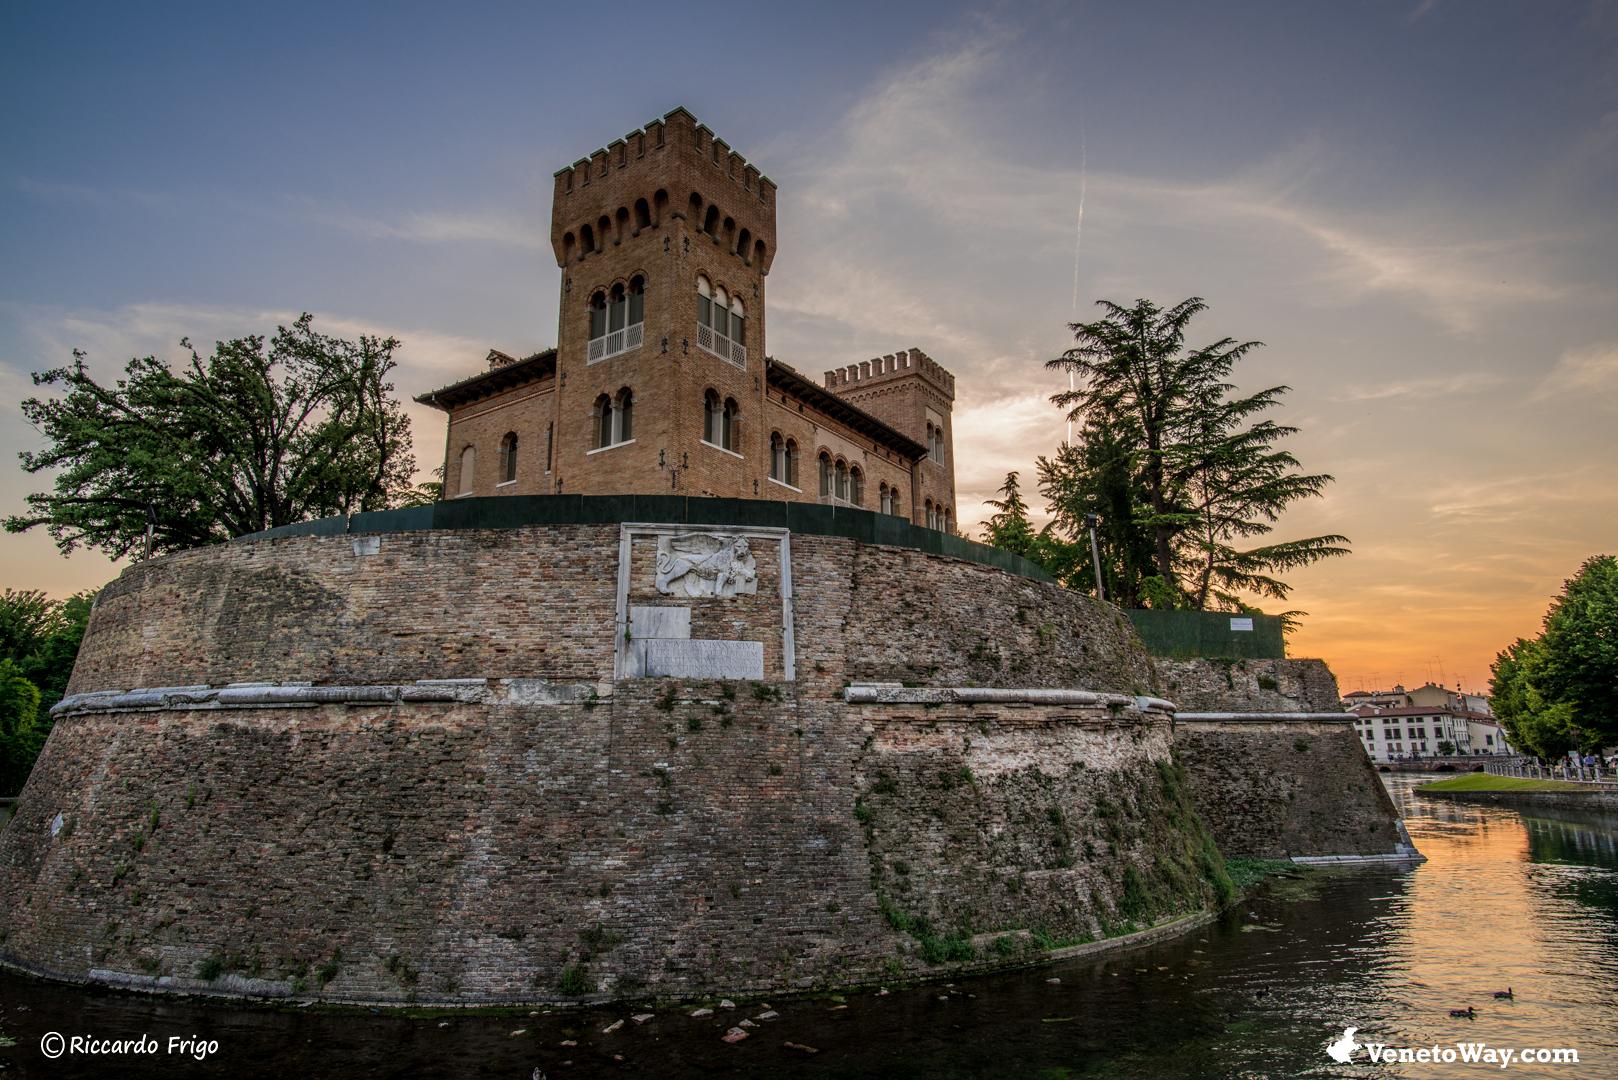 Le Mura di Treviso